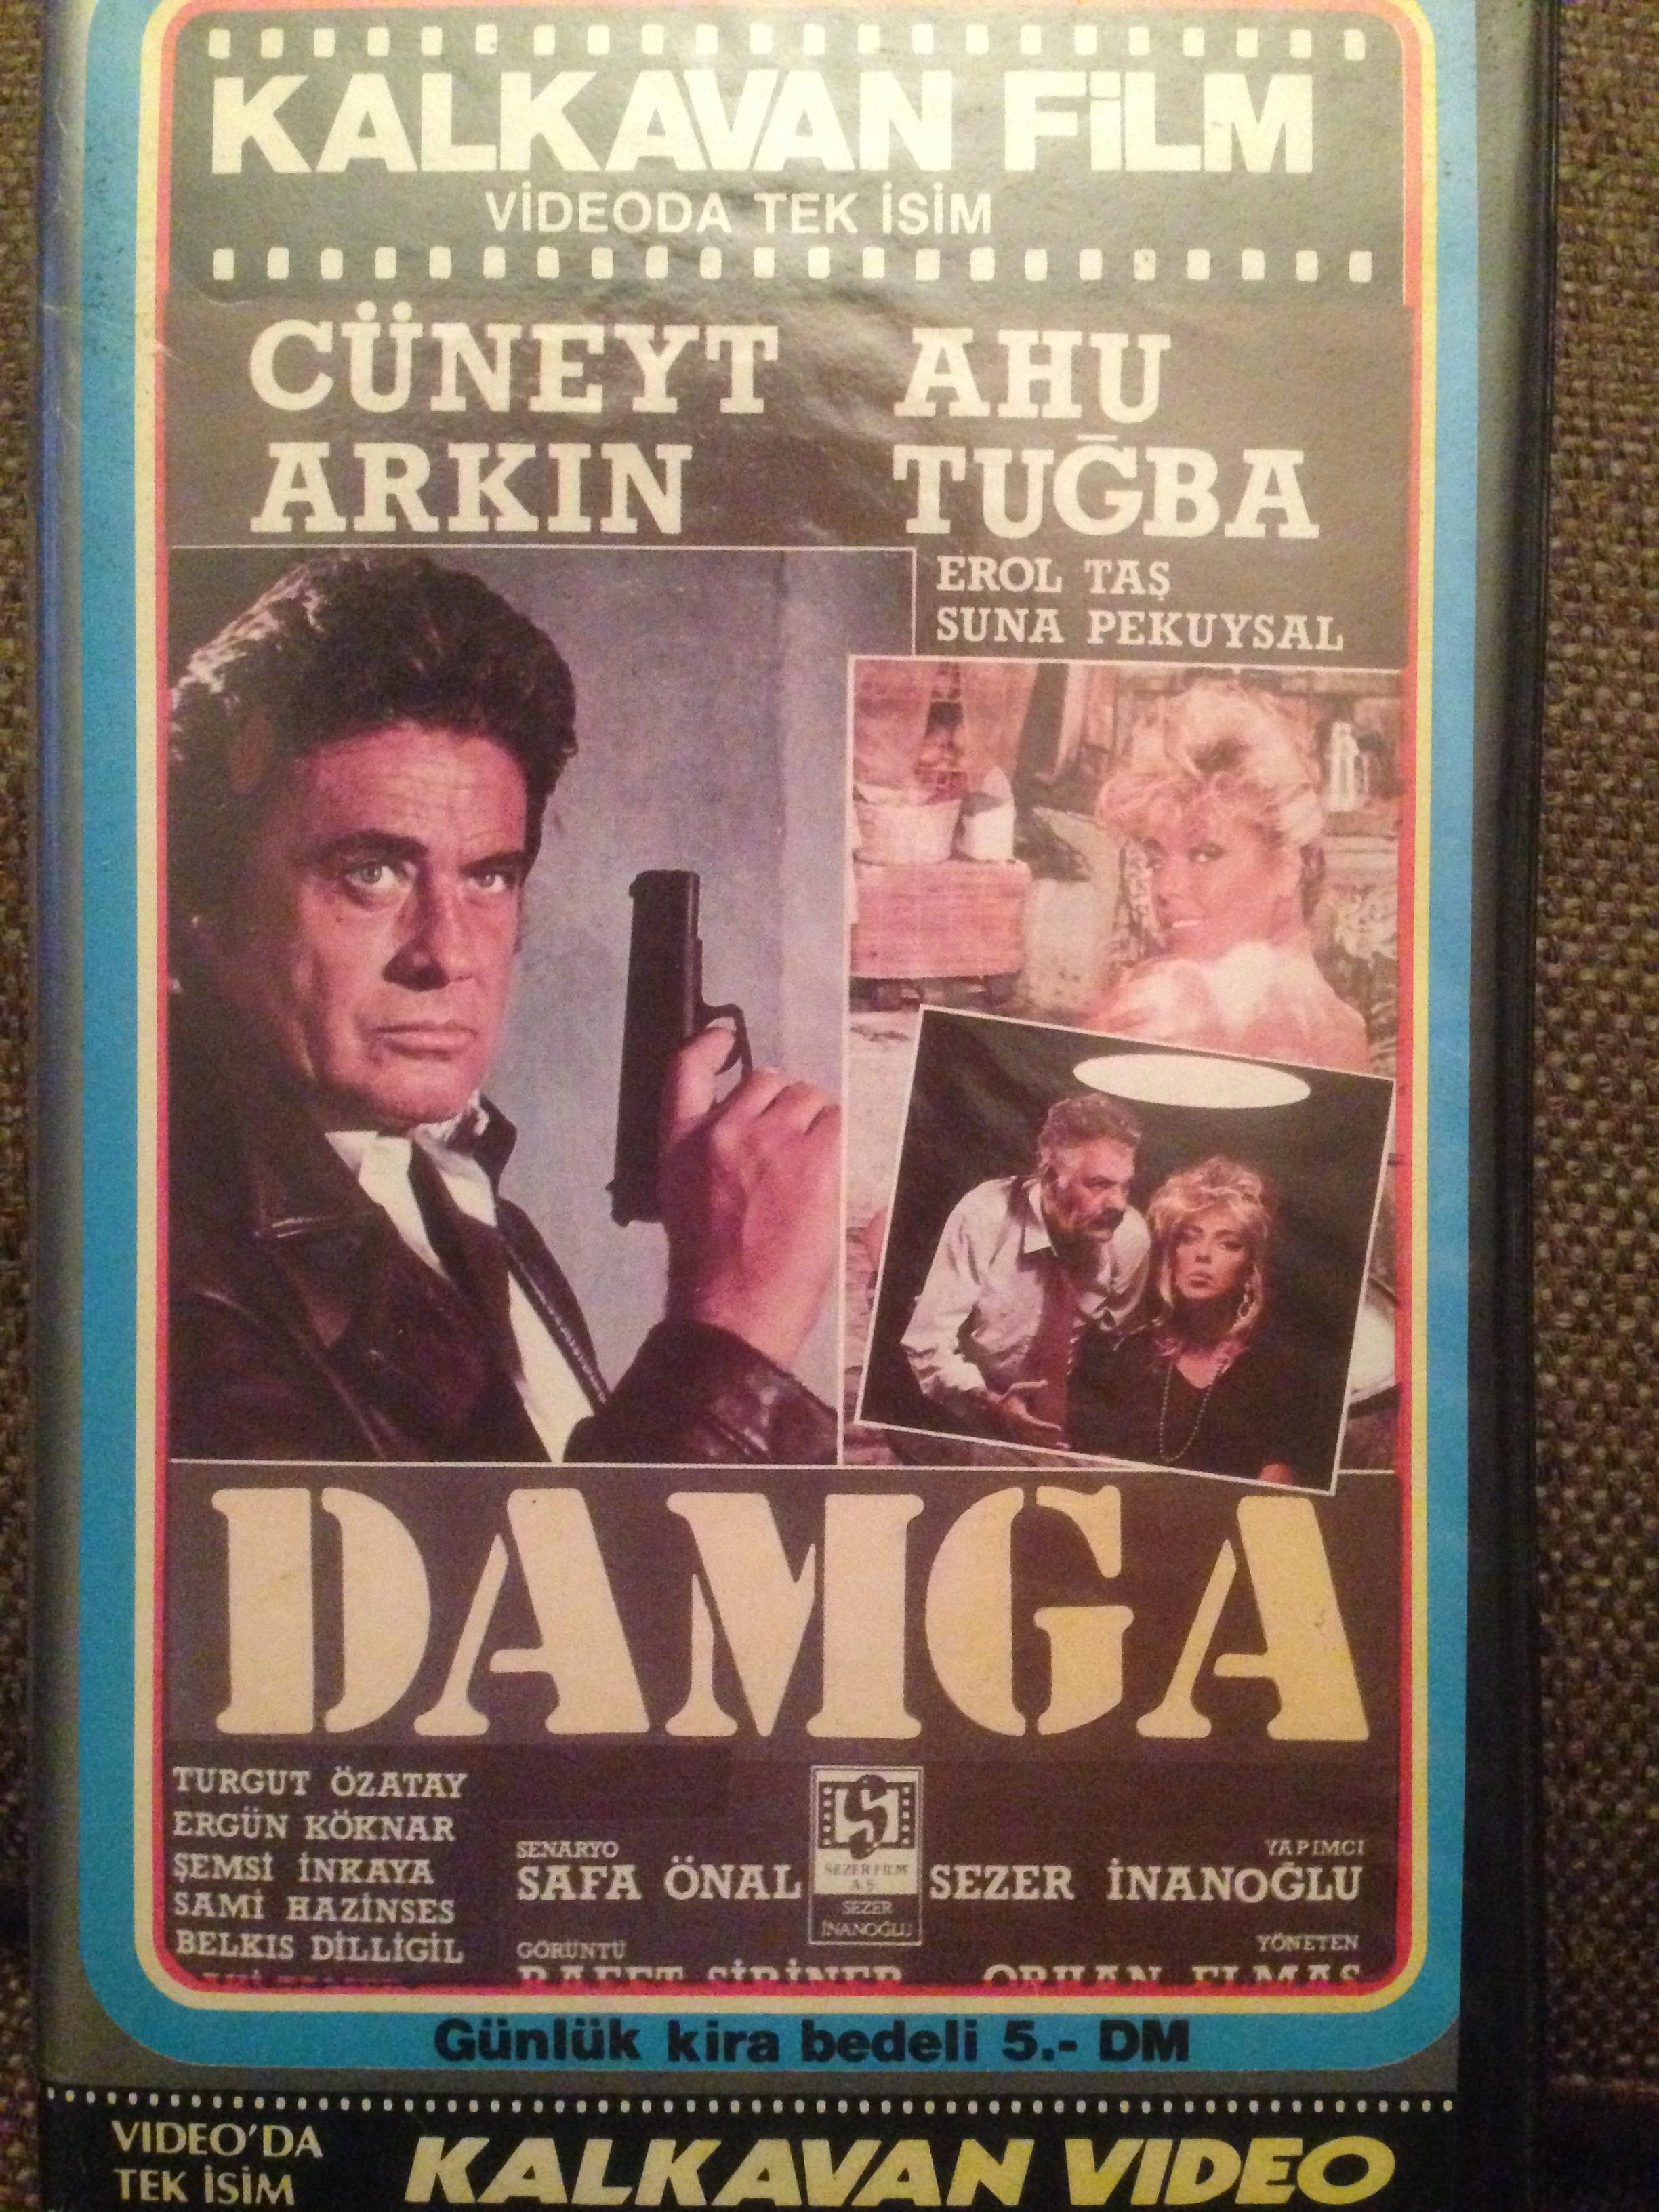 Damga ((1987))